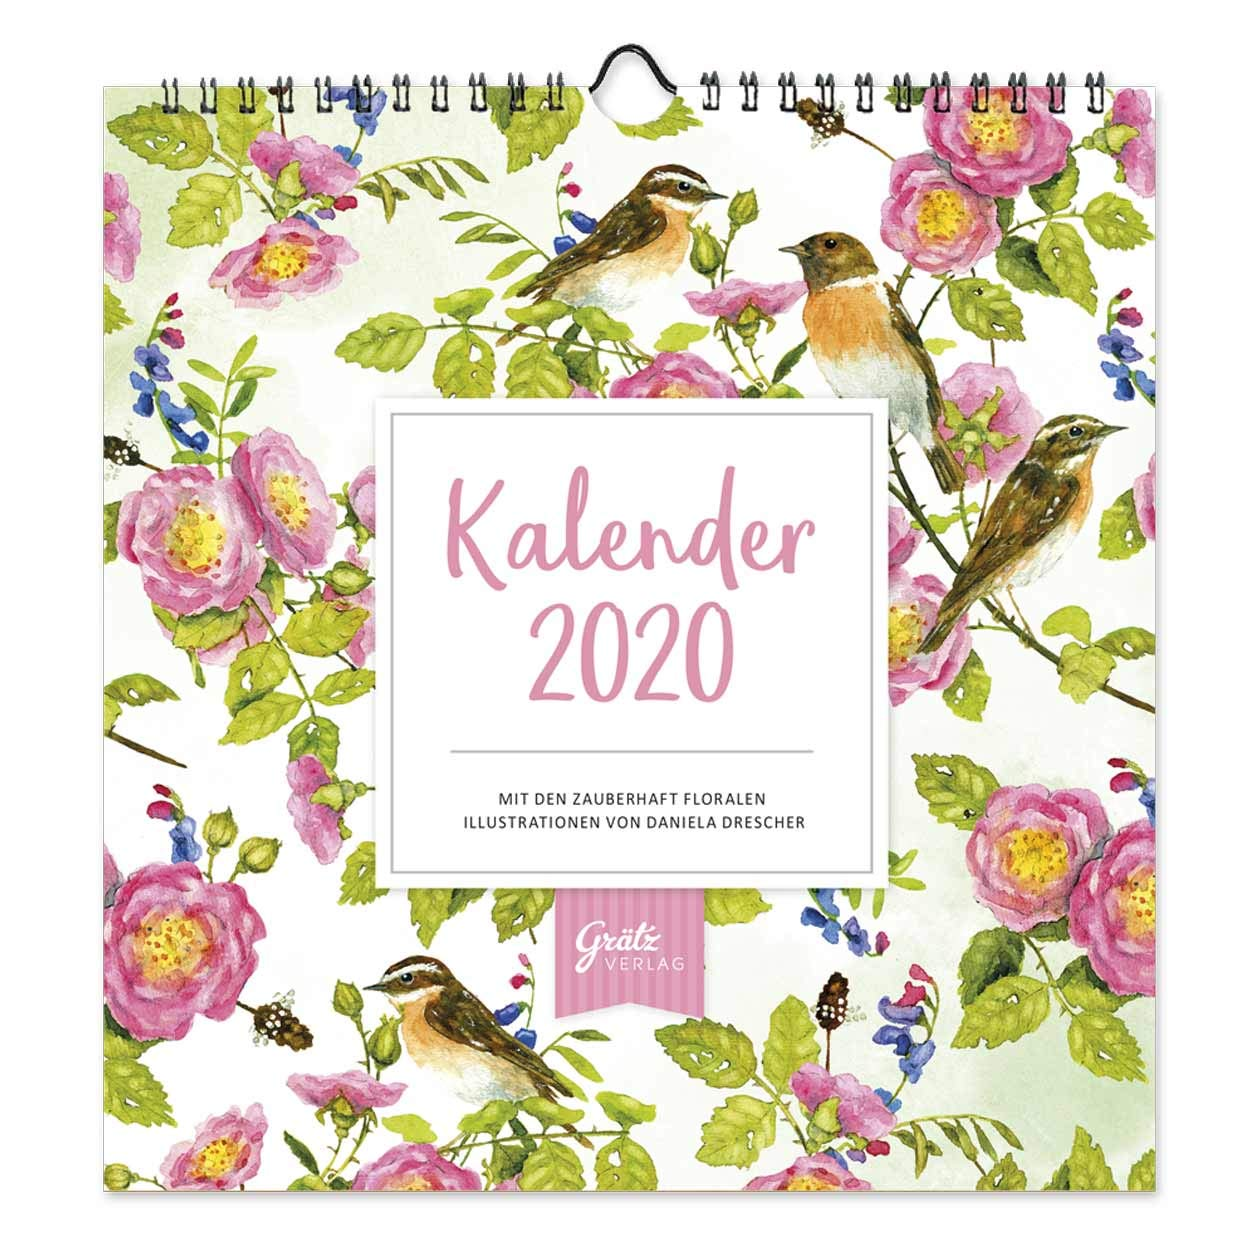 Dekorativer Wandkalender 2020 Praktischer Monatsplaner Zum Aufhängen Mit Floralen Motiven 12 Monatsseiten Mit Extra Viel Platz Zum Termine Eintragen